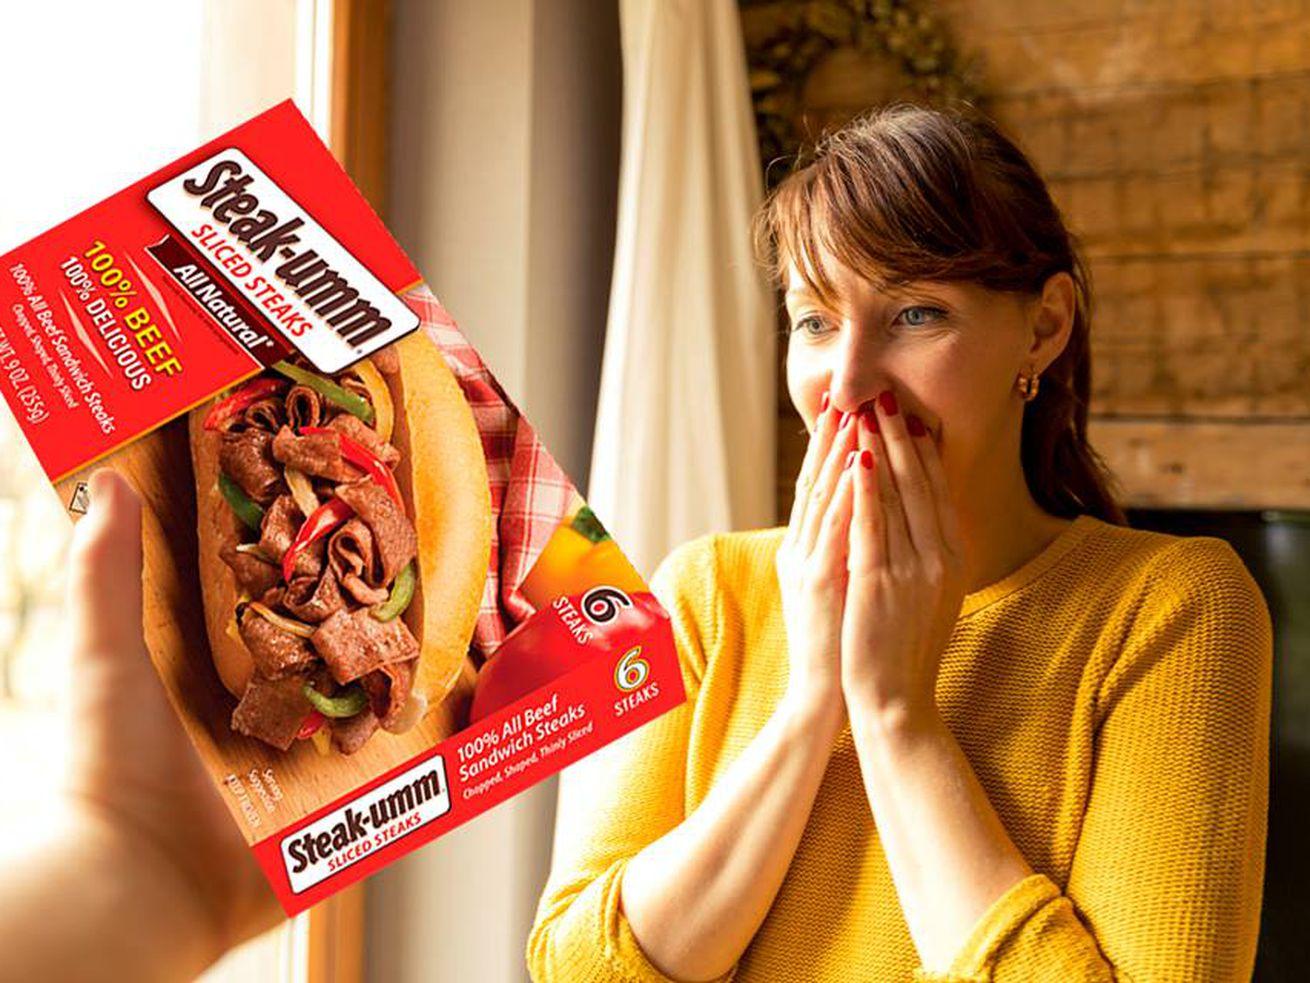 Steak-umm Exploits Millennial Angst to Sell Frozen Cheesesteak Filling